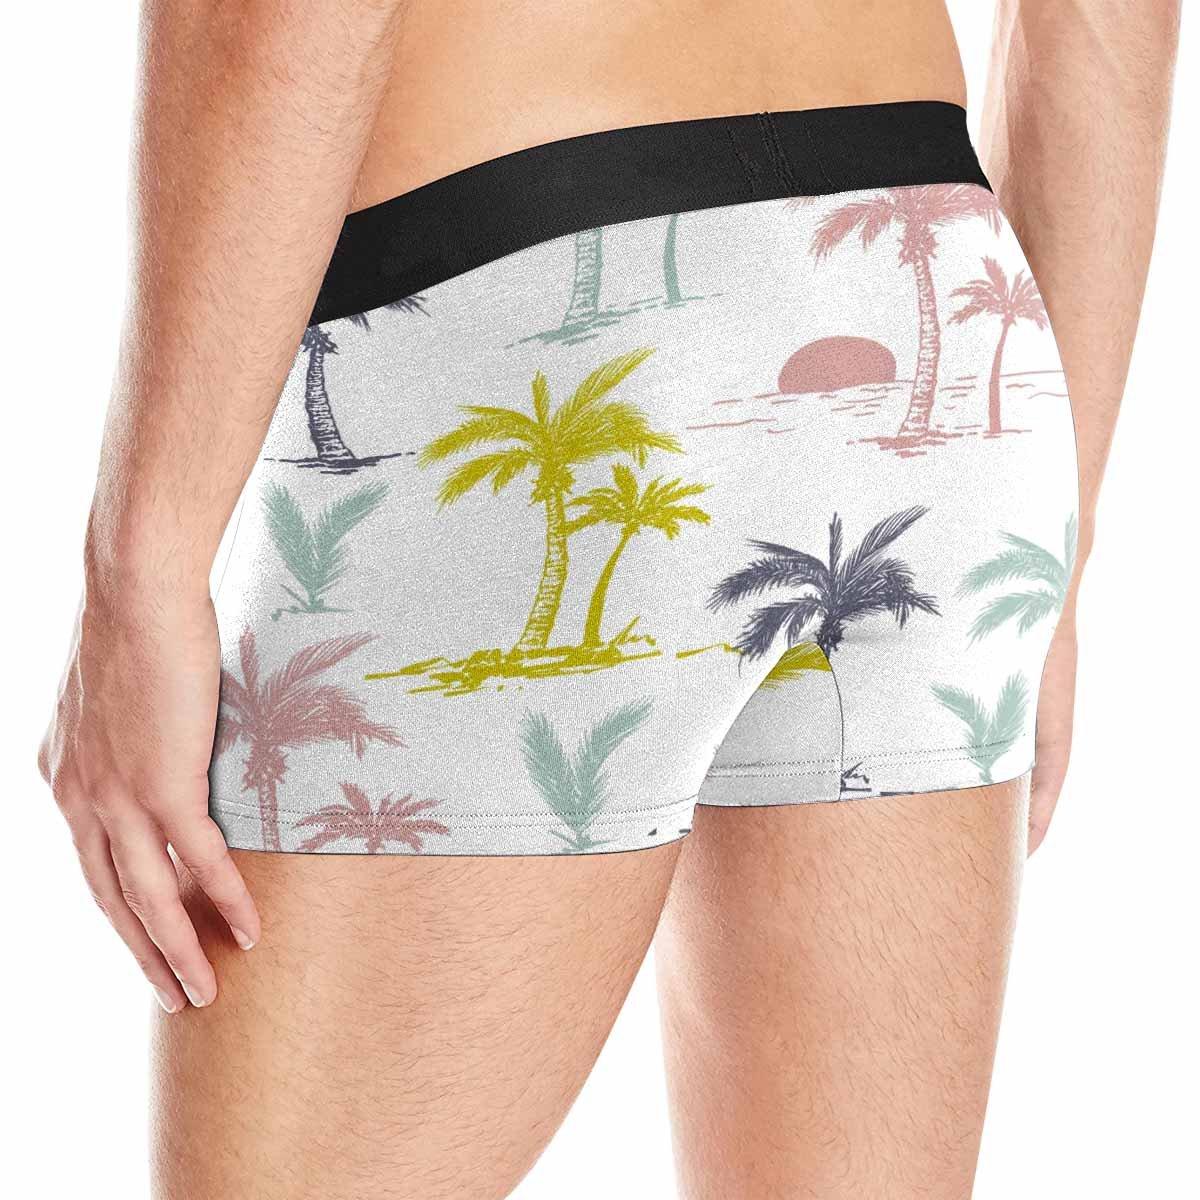 XS-3XL INTERESTPRINT Mens Boxer Briefs Underwear Palm Trees